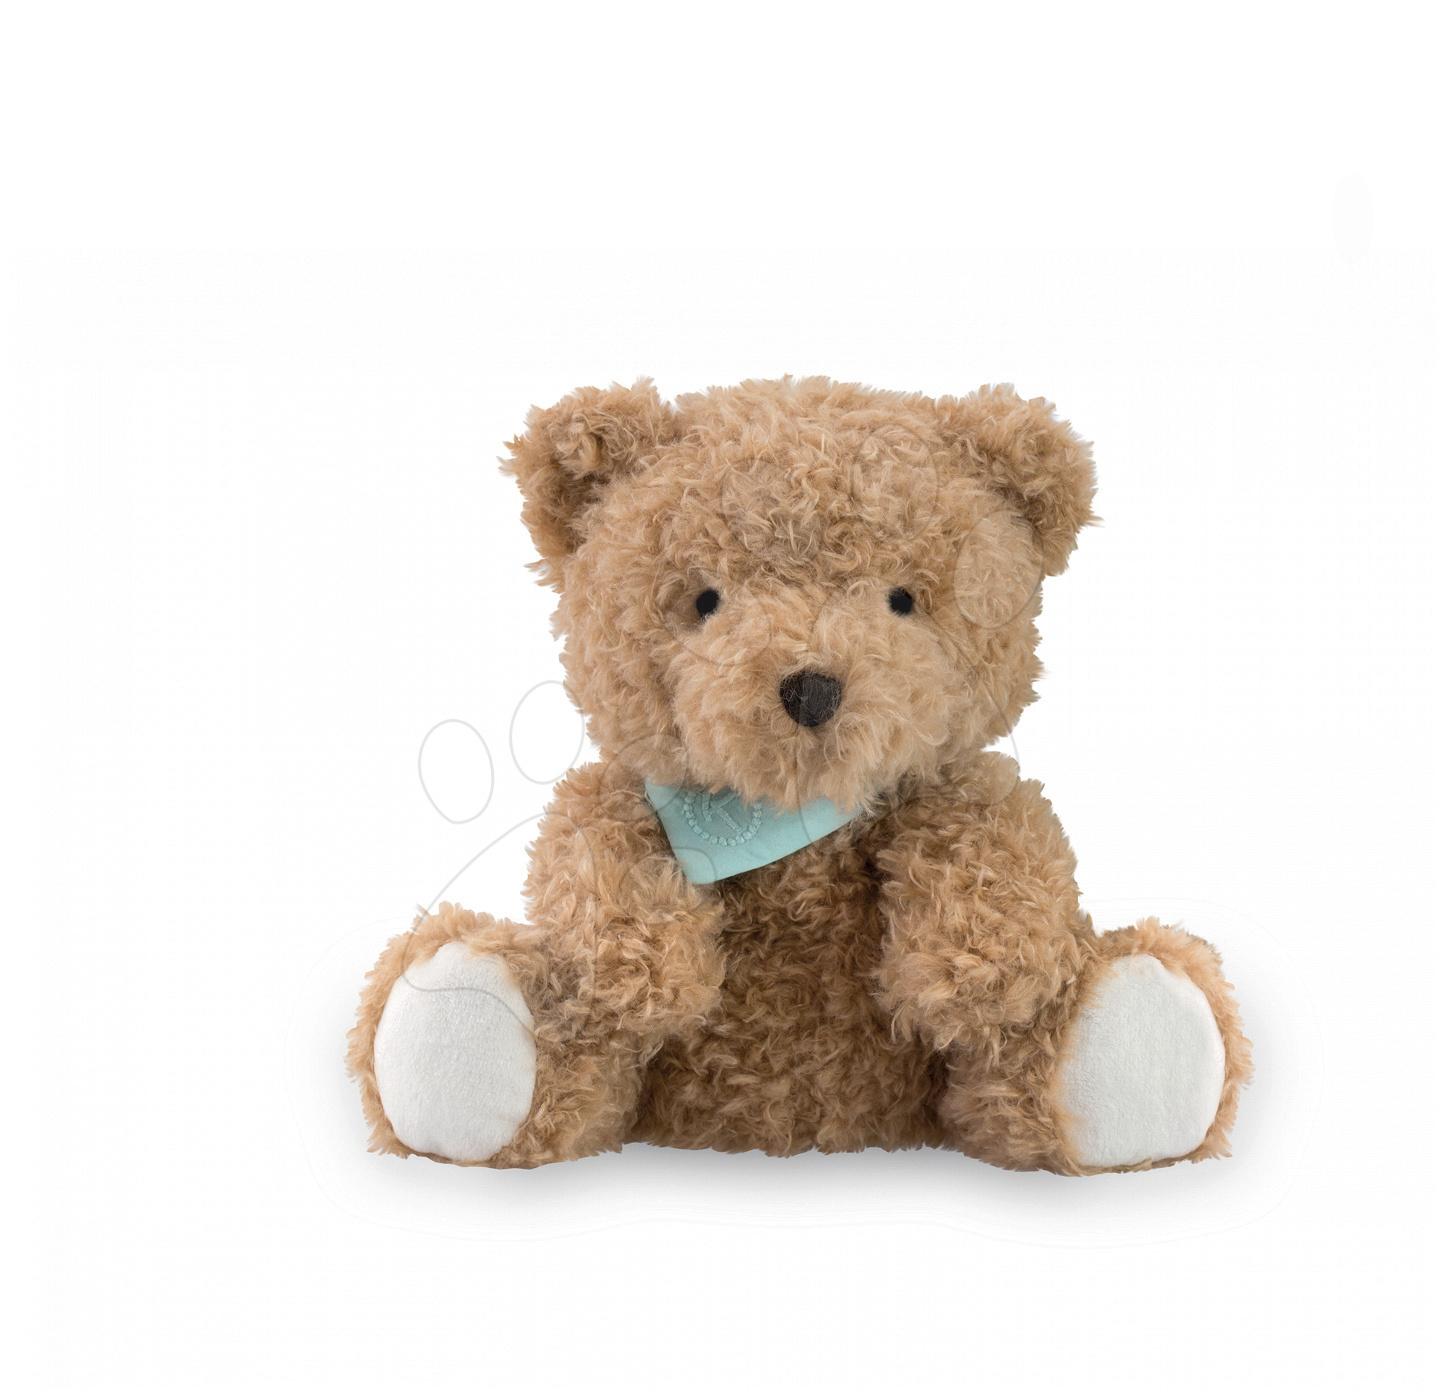 Plyšové medvede - Plyšový medveď Miel Les Amis-Ourson Kaloo 25 cm v darčekovom balení pre najmenších